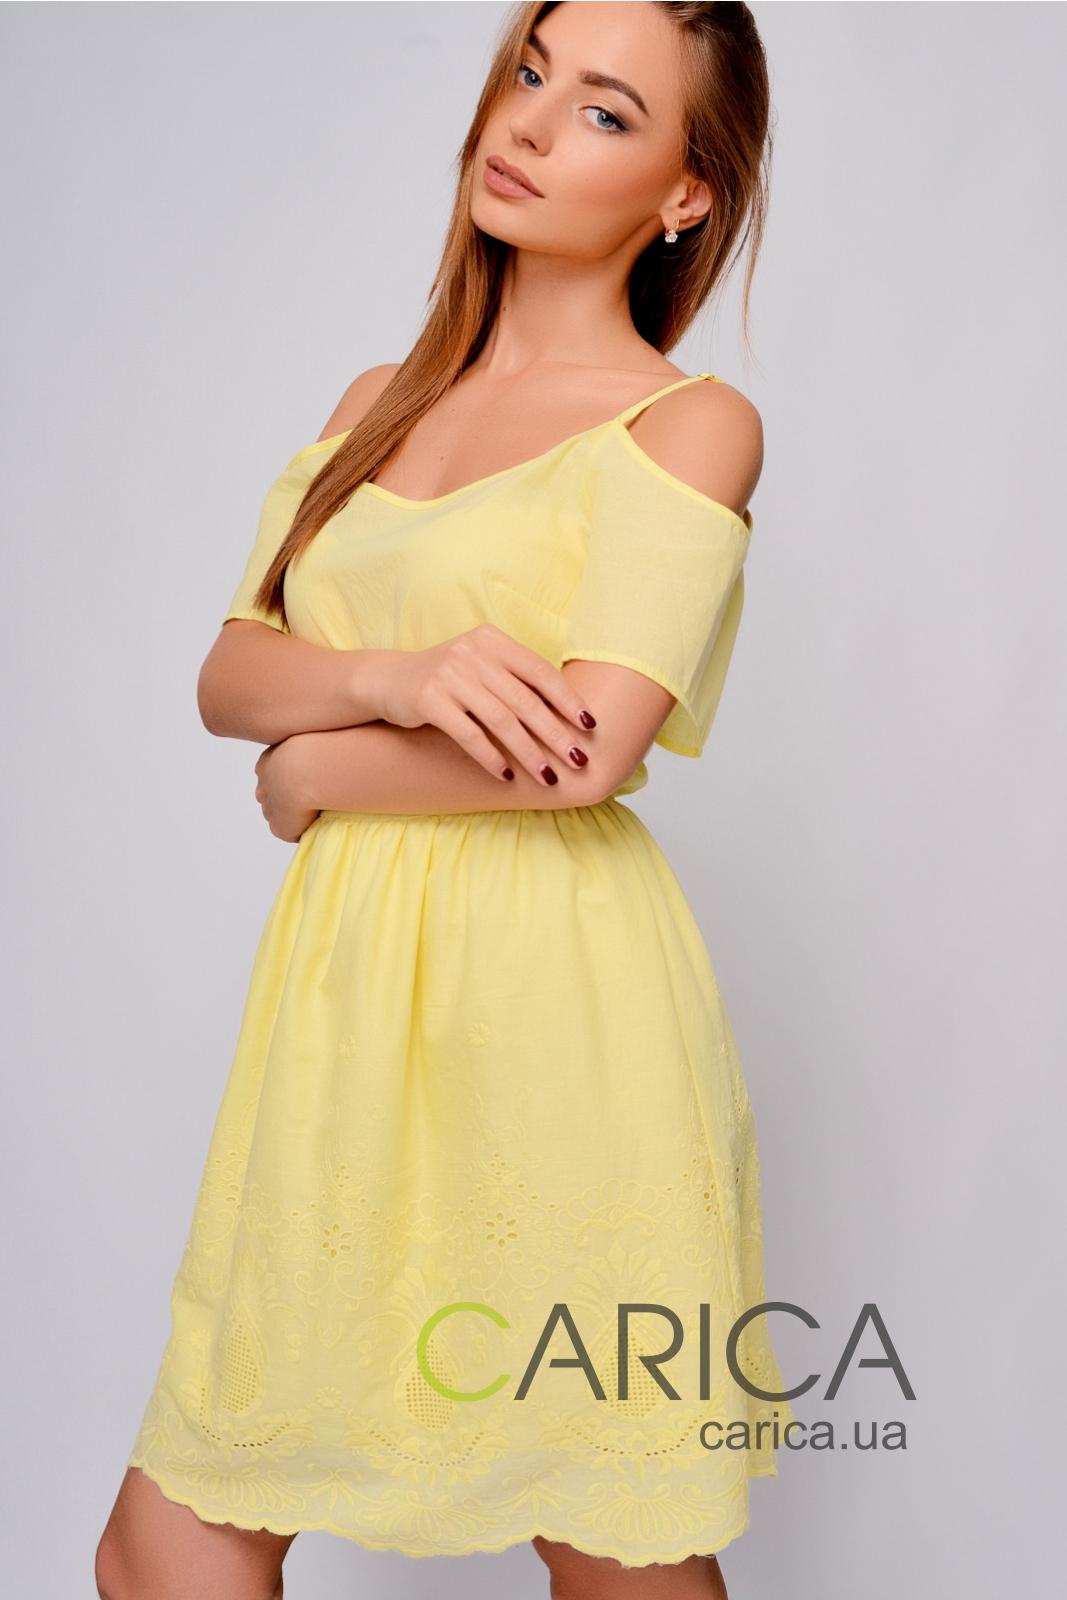 Сбор заказов. Ликвидация летней коллекции красивой и модной женской одежды Carica. Скидки до 70 %. Платья, блузки, брюки, пиджаки, комбинезоны. Цены от 200 руб